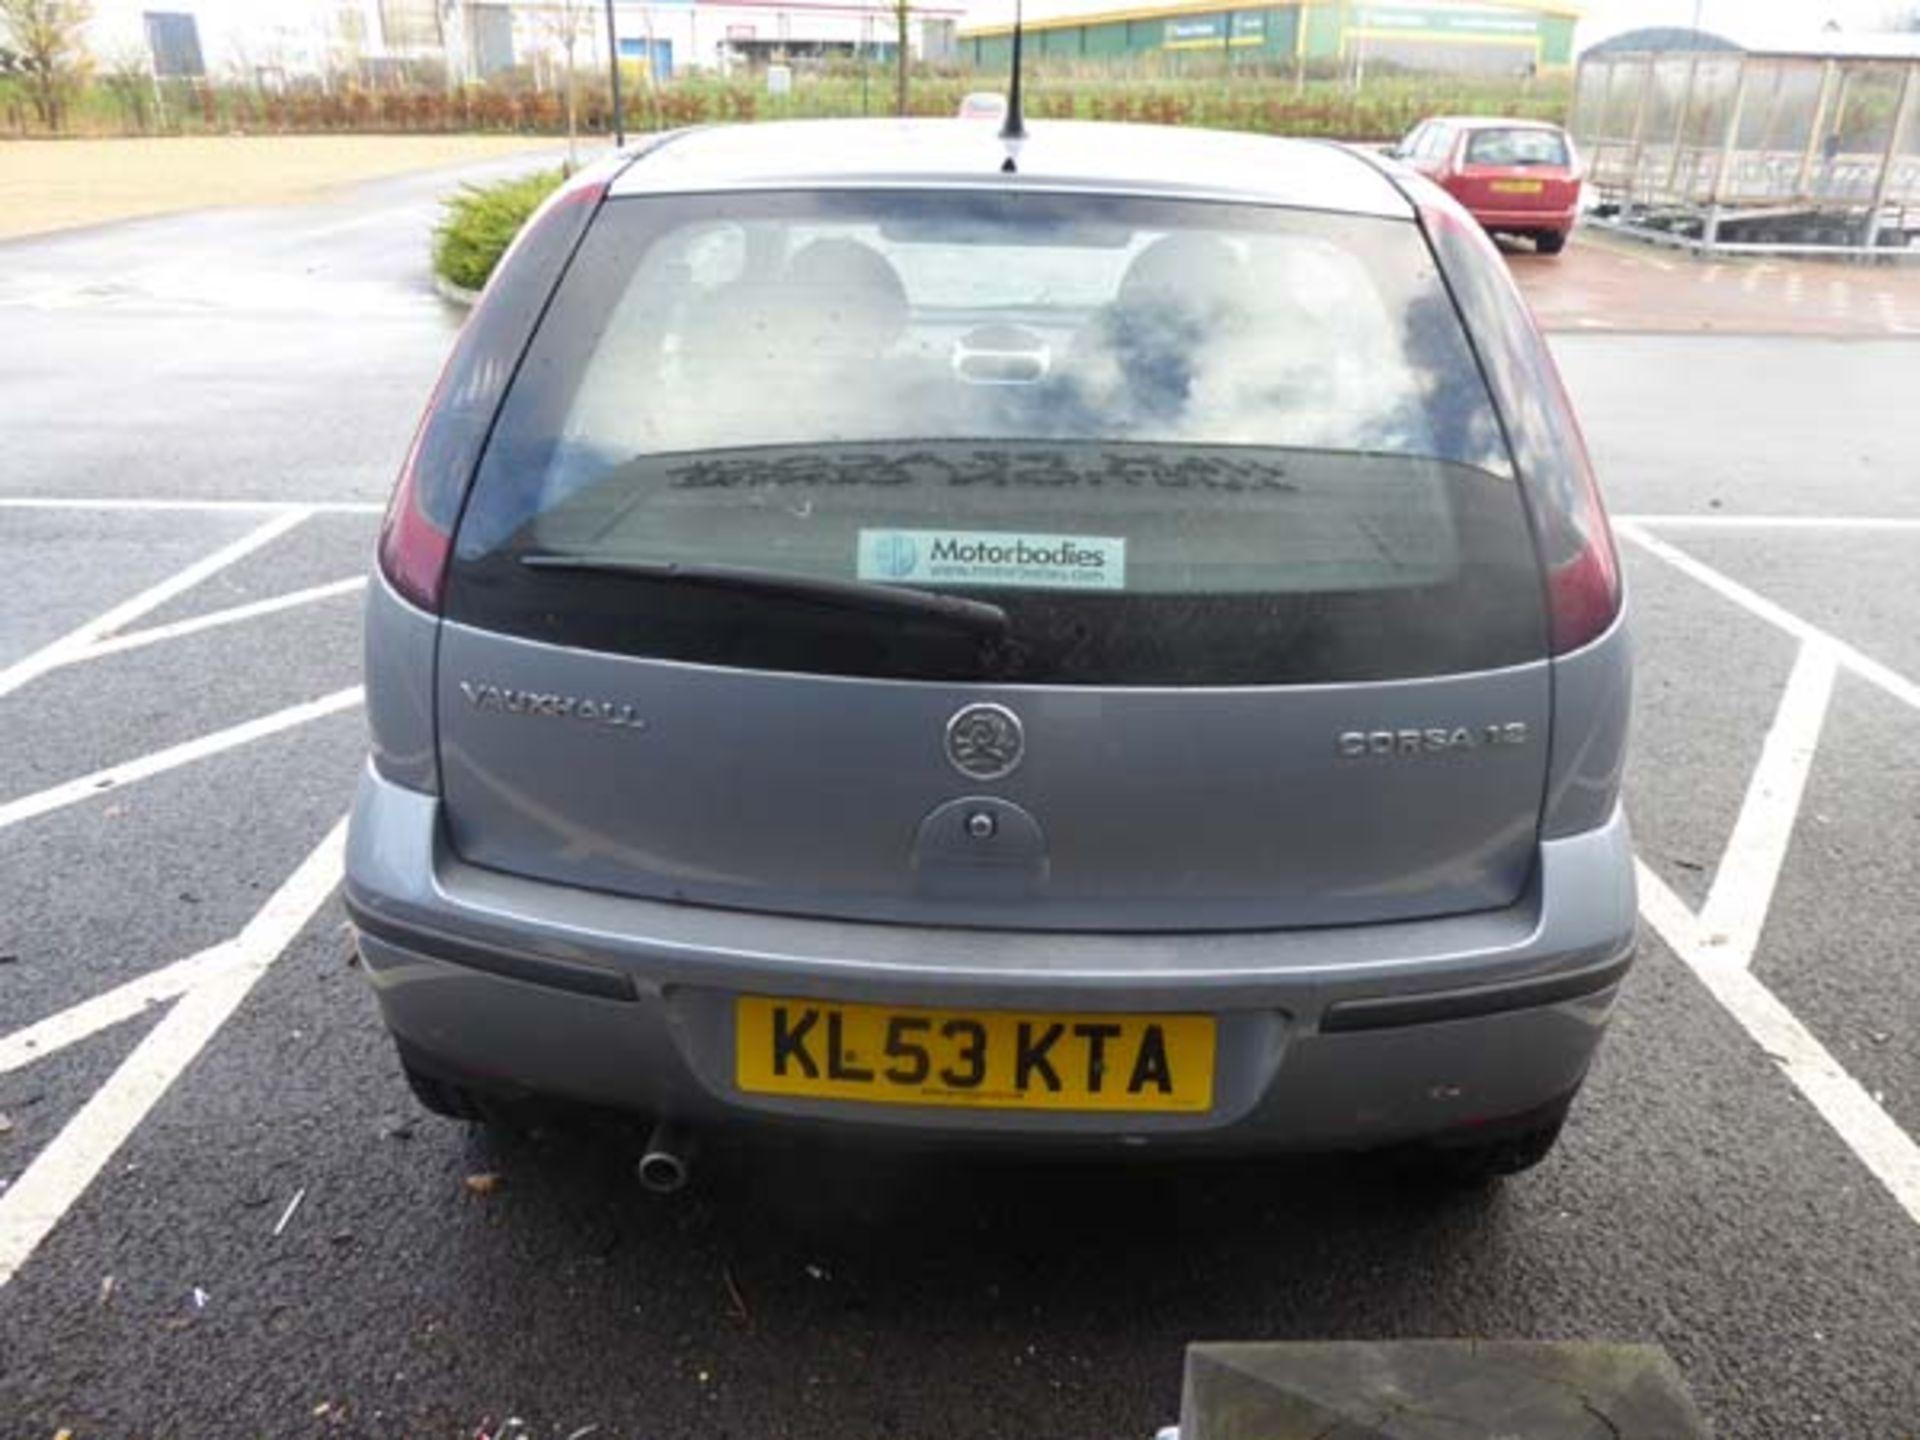 KL53 KTA (2003) Vauxhall Corsa Active 16V, 3 door hatchback, 1199cc, petrol, in silver, 39'044 - Image 12 of 12